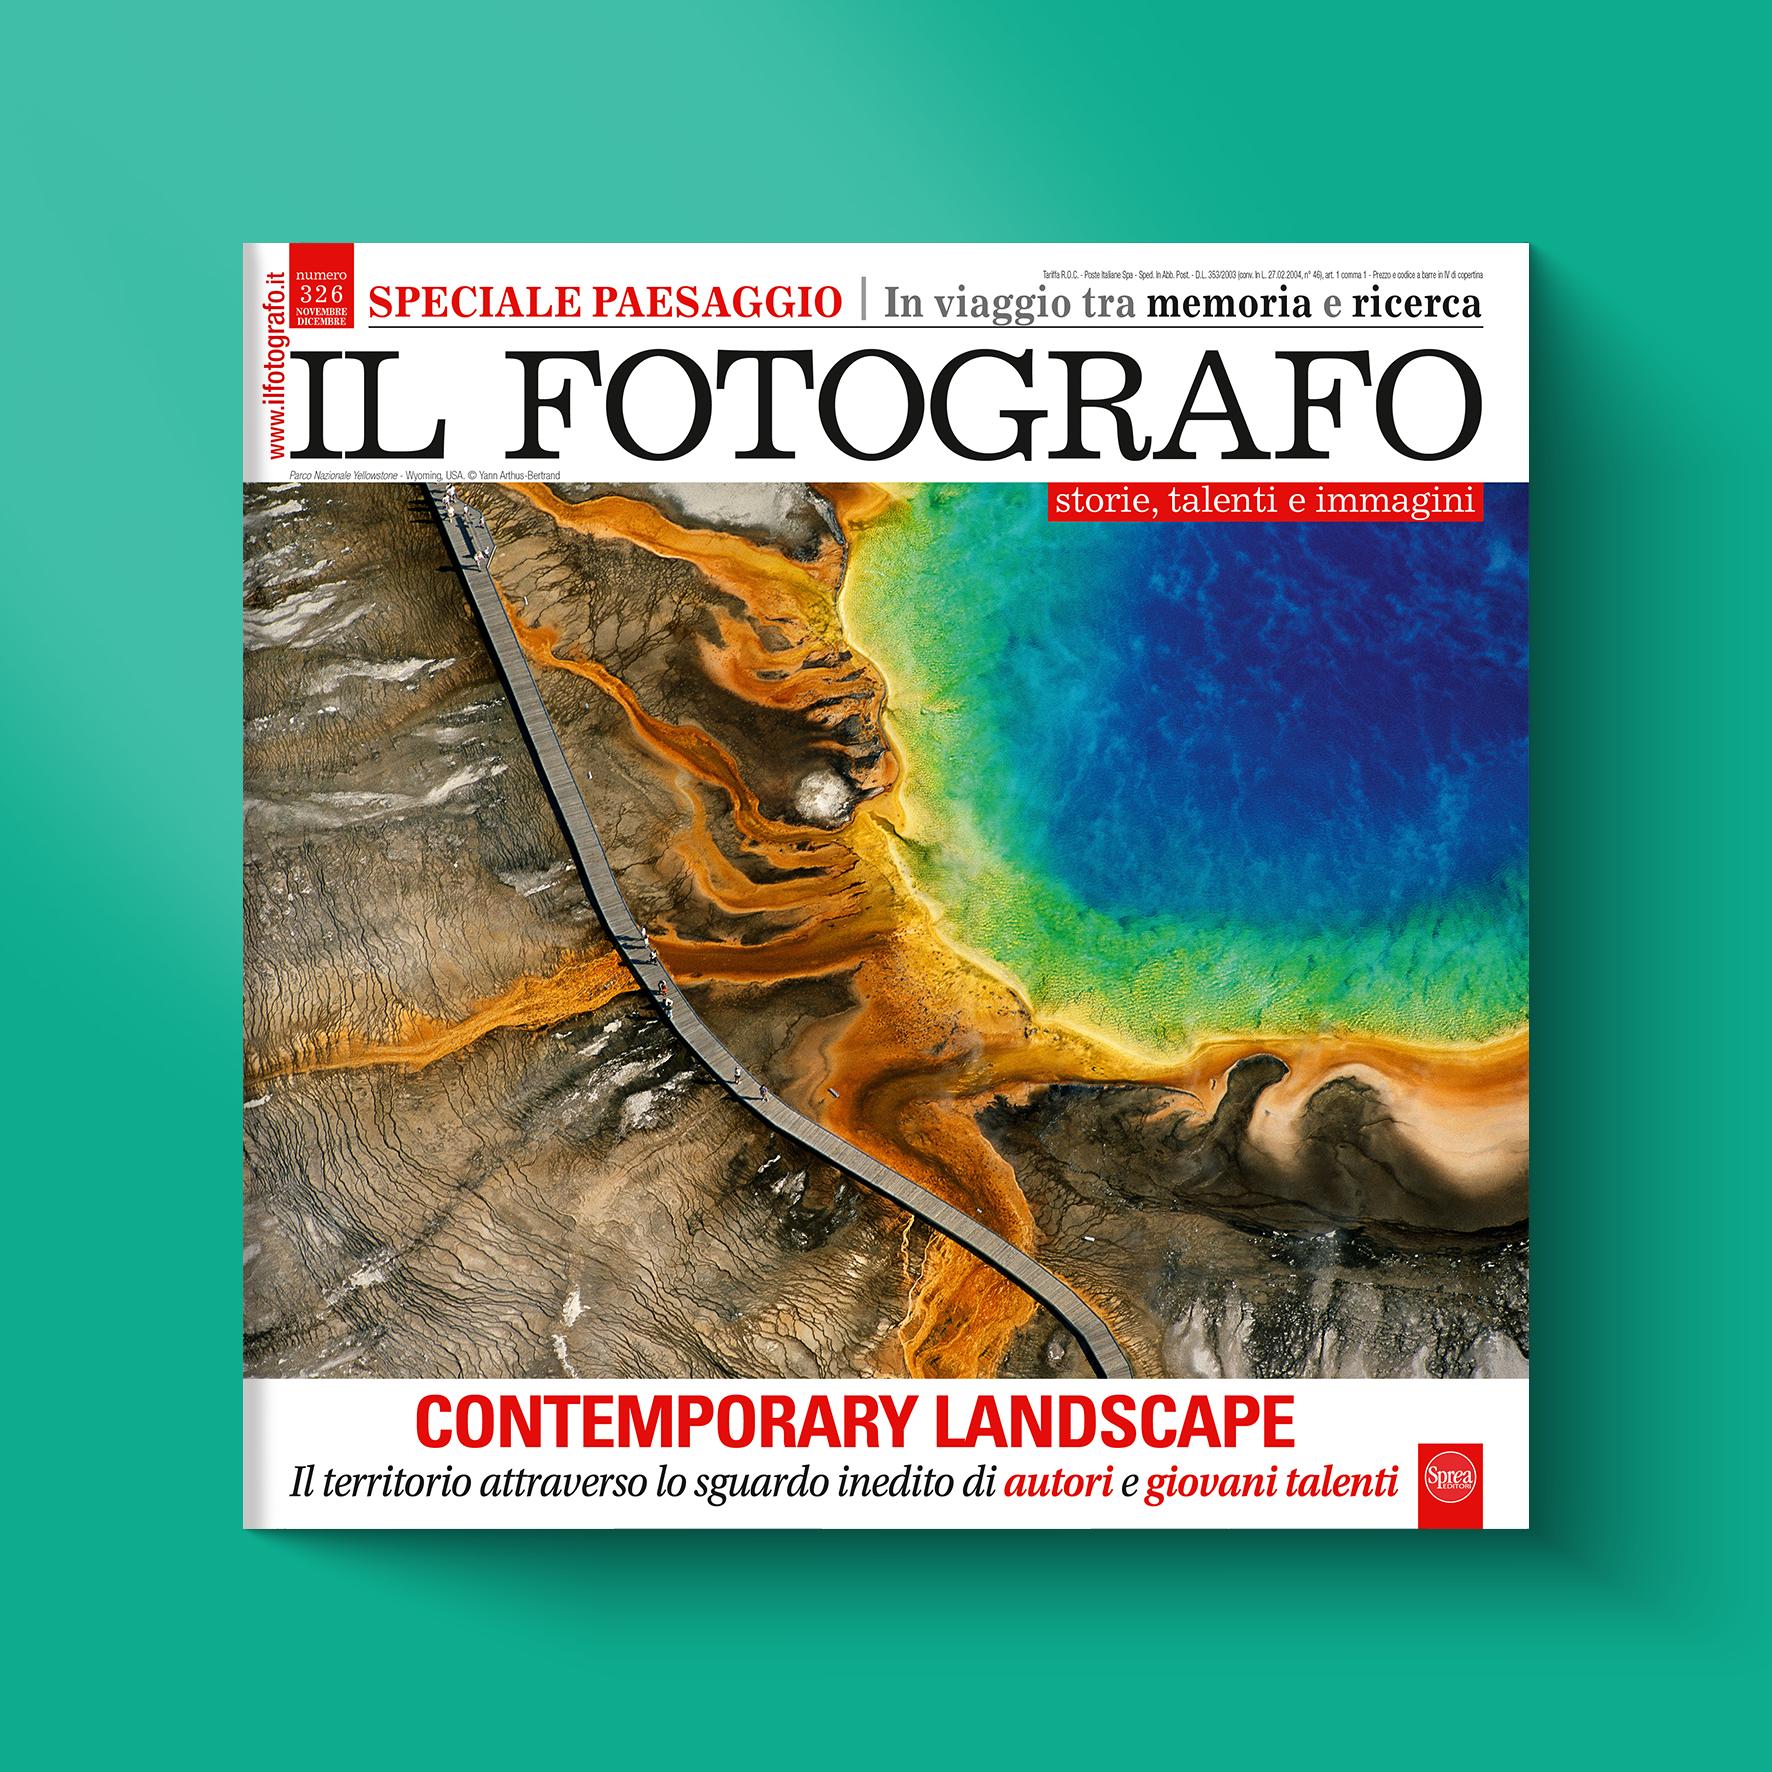 IL FOTOGRAFO 326, copertina